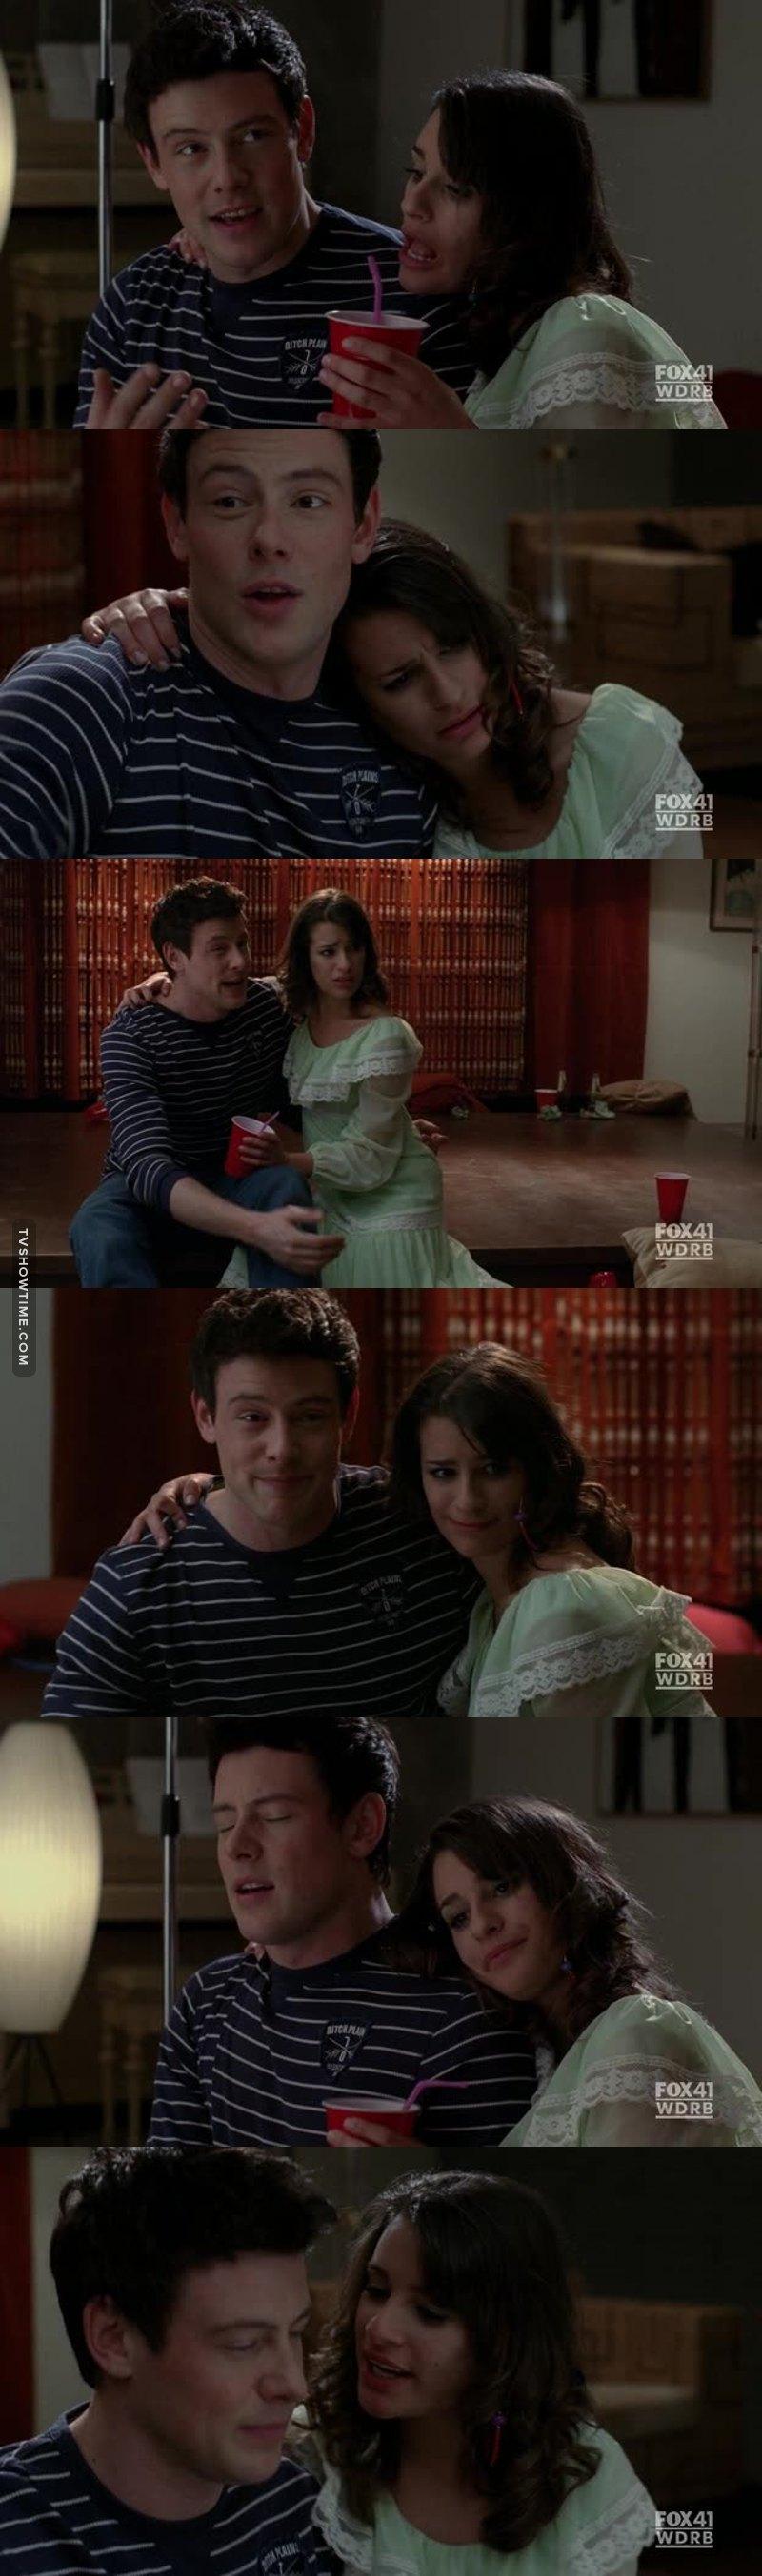 When I'm drunk, I'm Rachel. Definitely. 😂 😂 😂